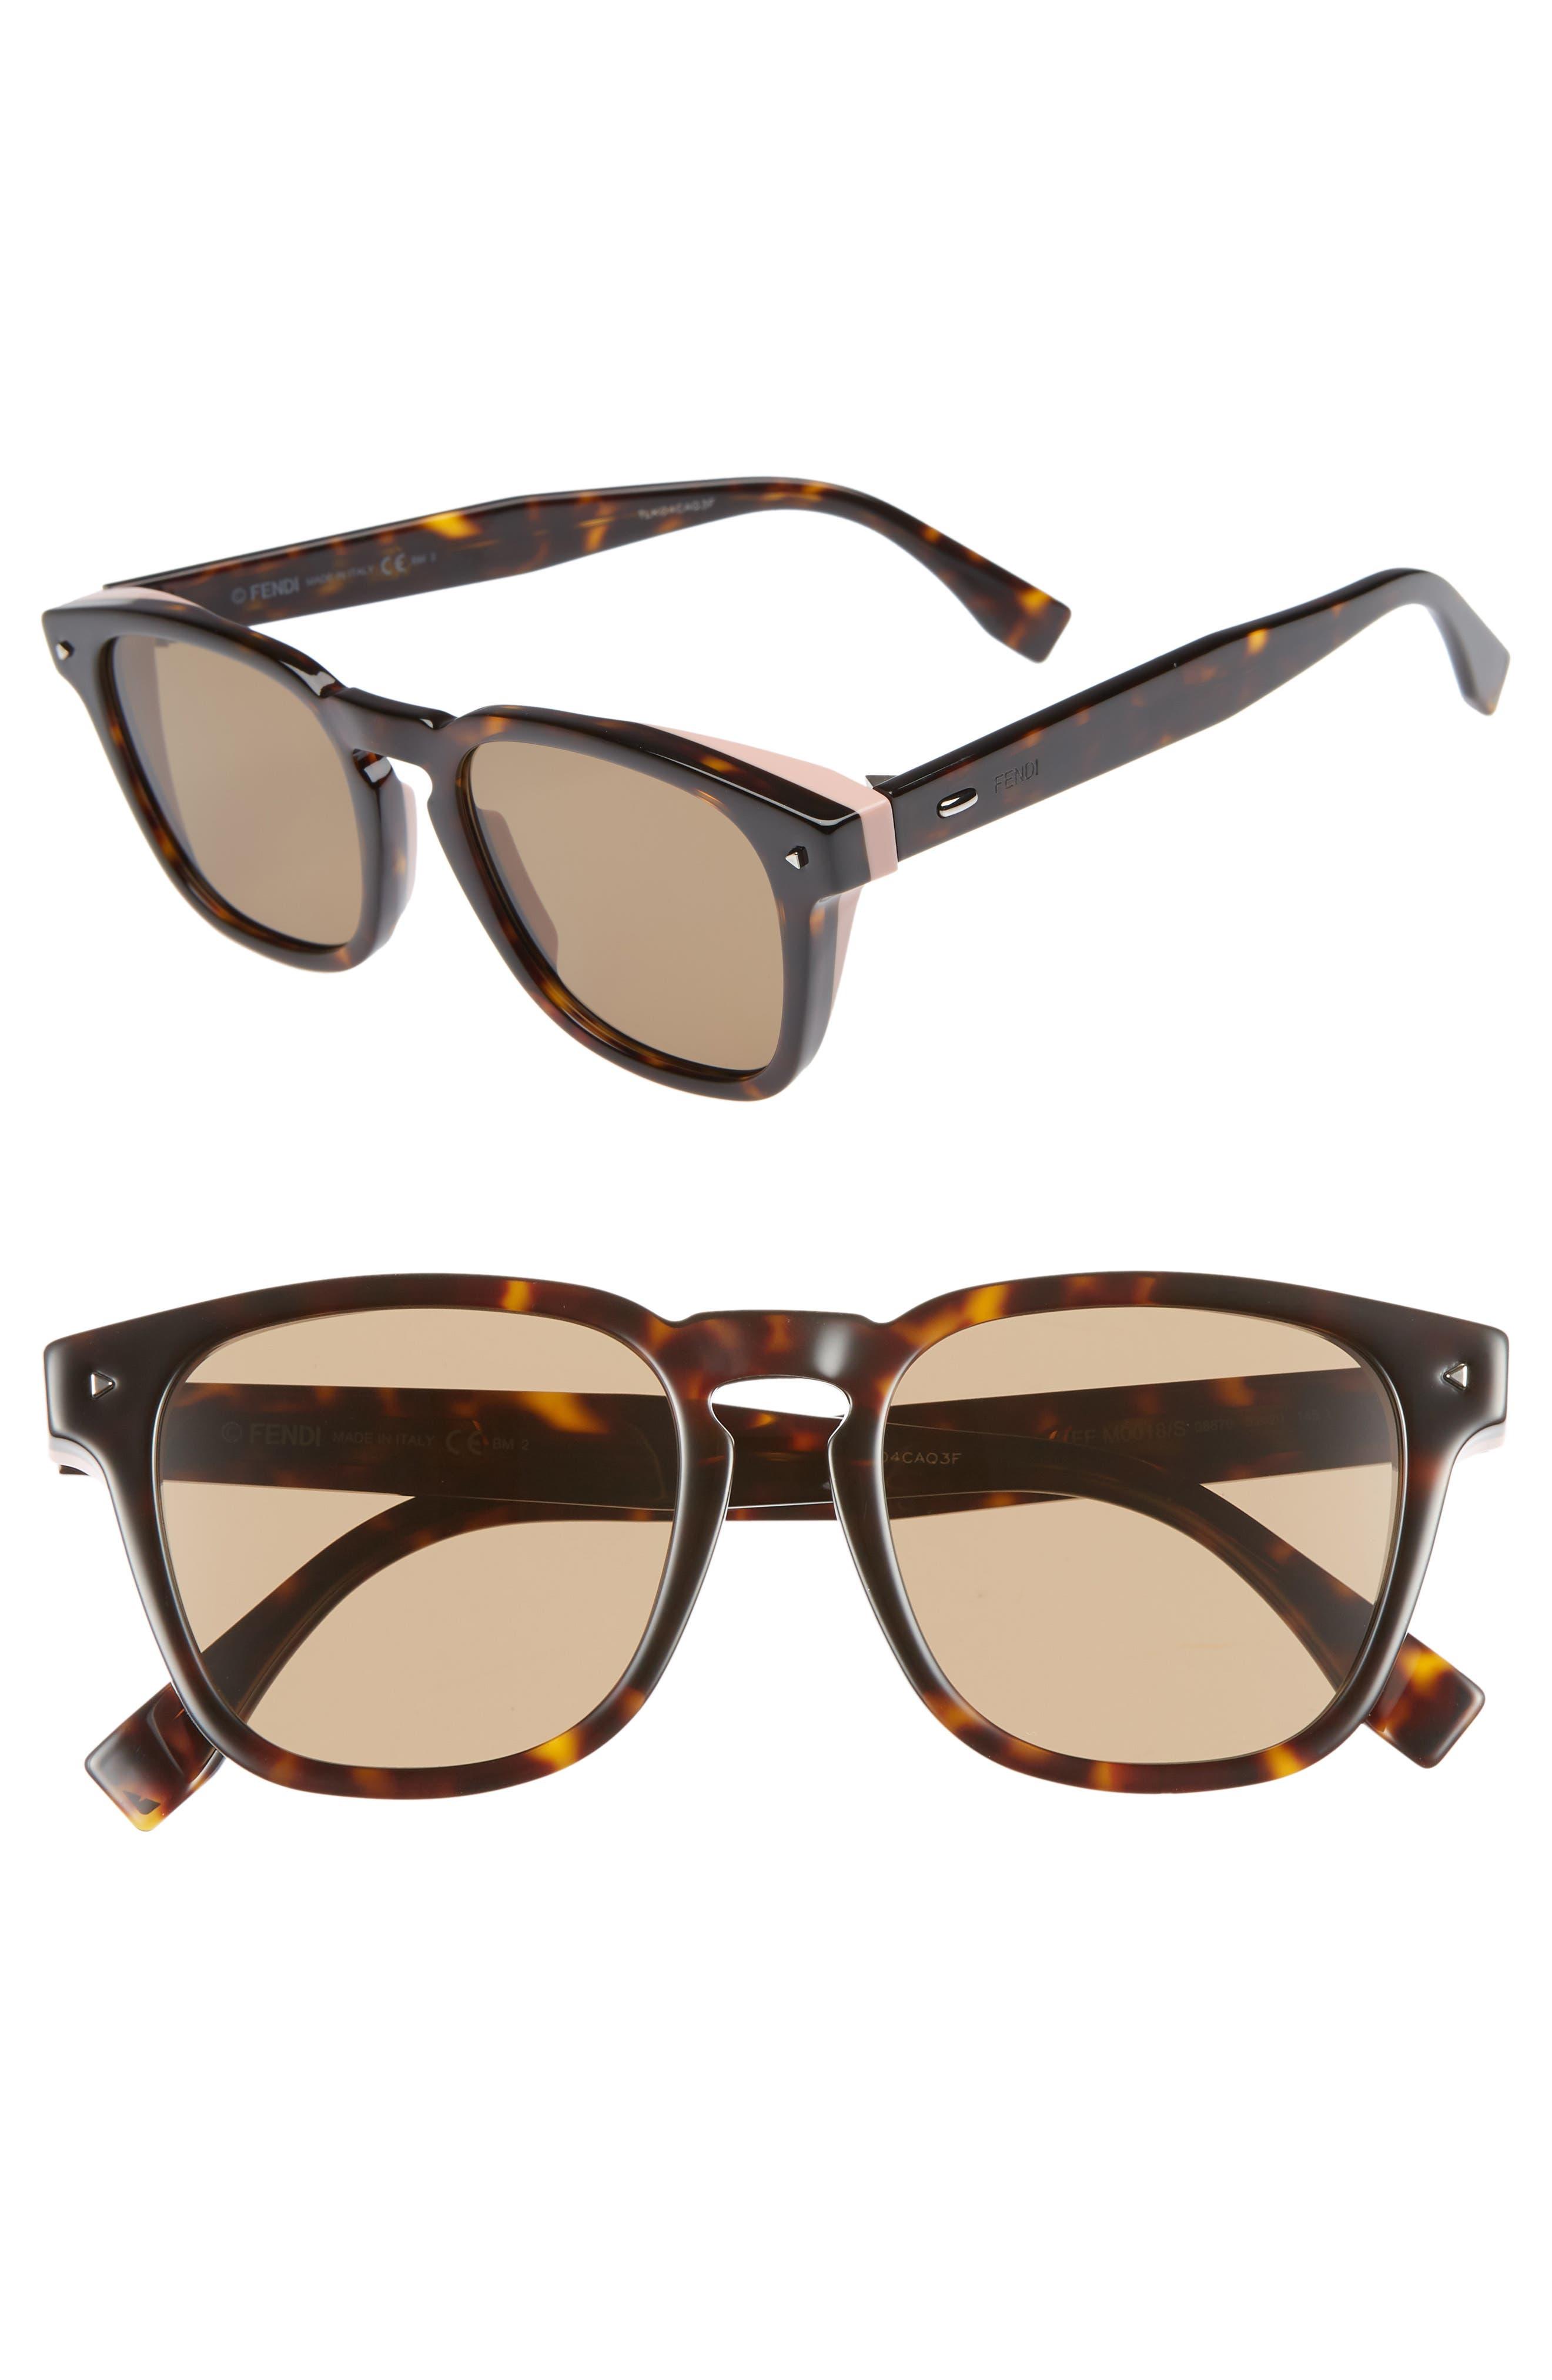 3173e4e846 Men s Fendi Sunglasses   Eye Glasses